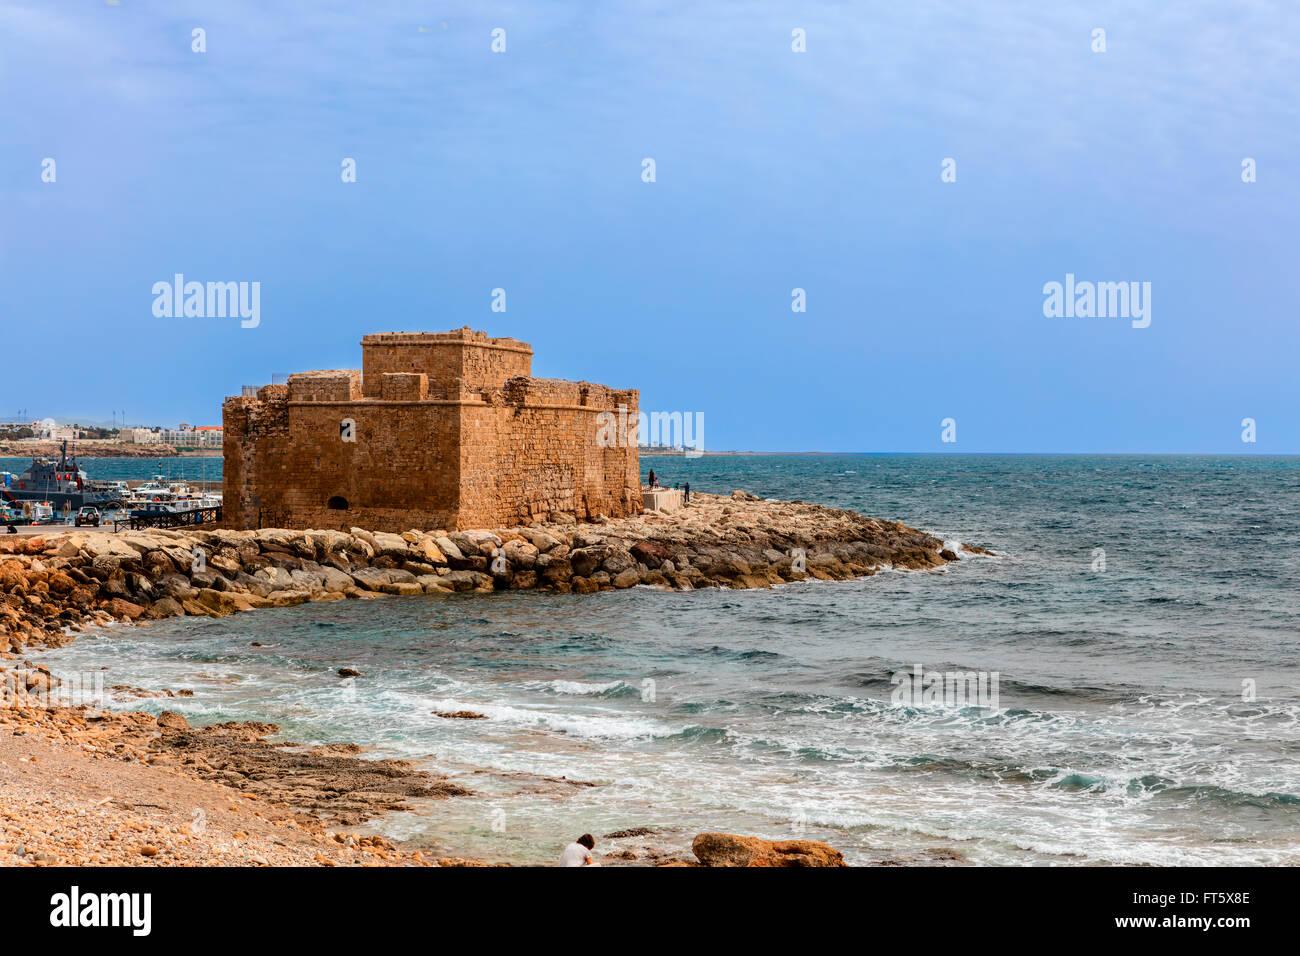 Mittelalterliche Burg in Paphos, Zypern. Stockbild